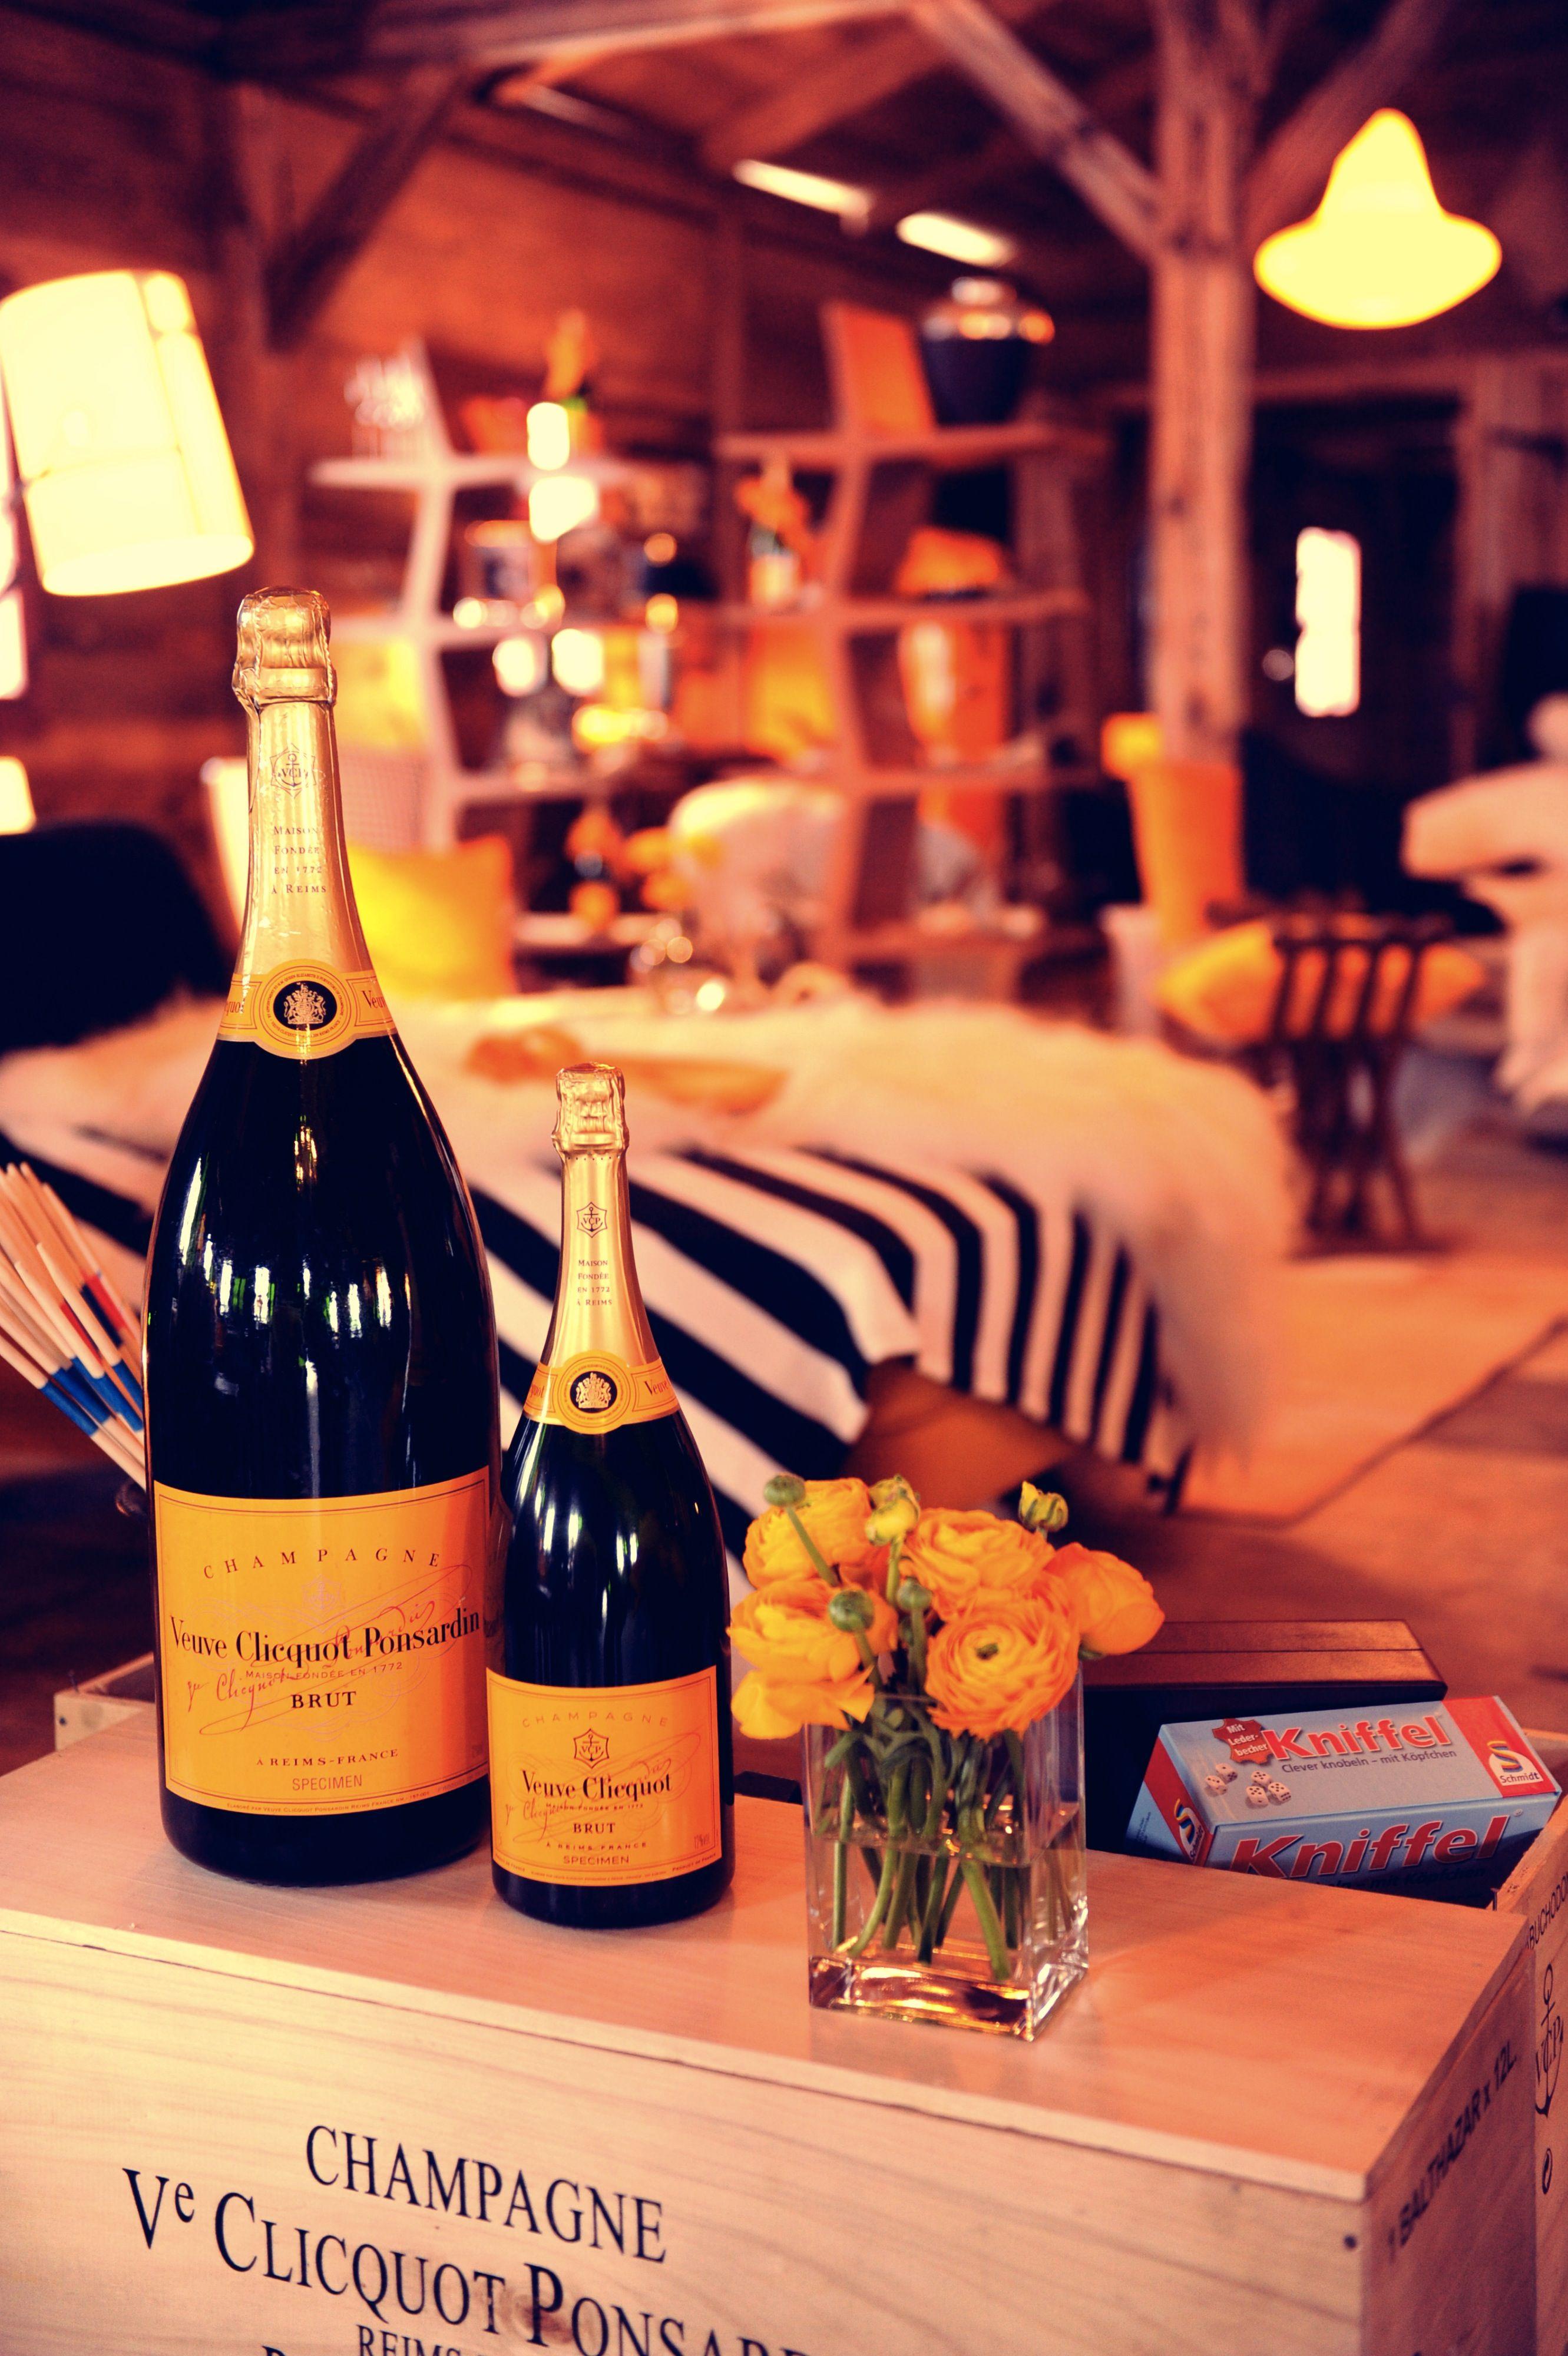 Veuveclicquot Champagne Bubbles Veuve Clicquot Champagne Champagne